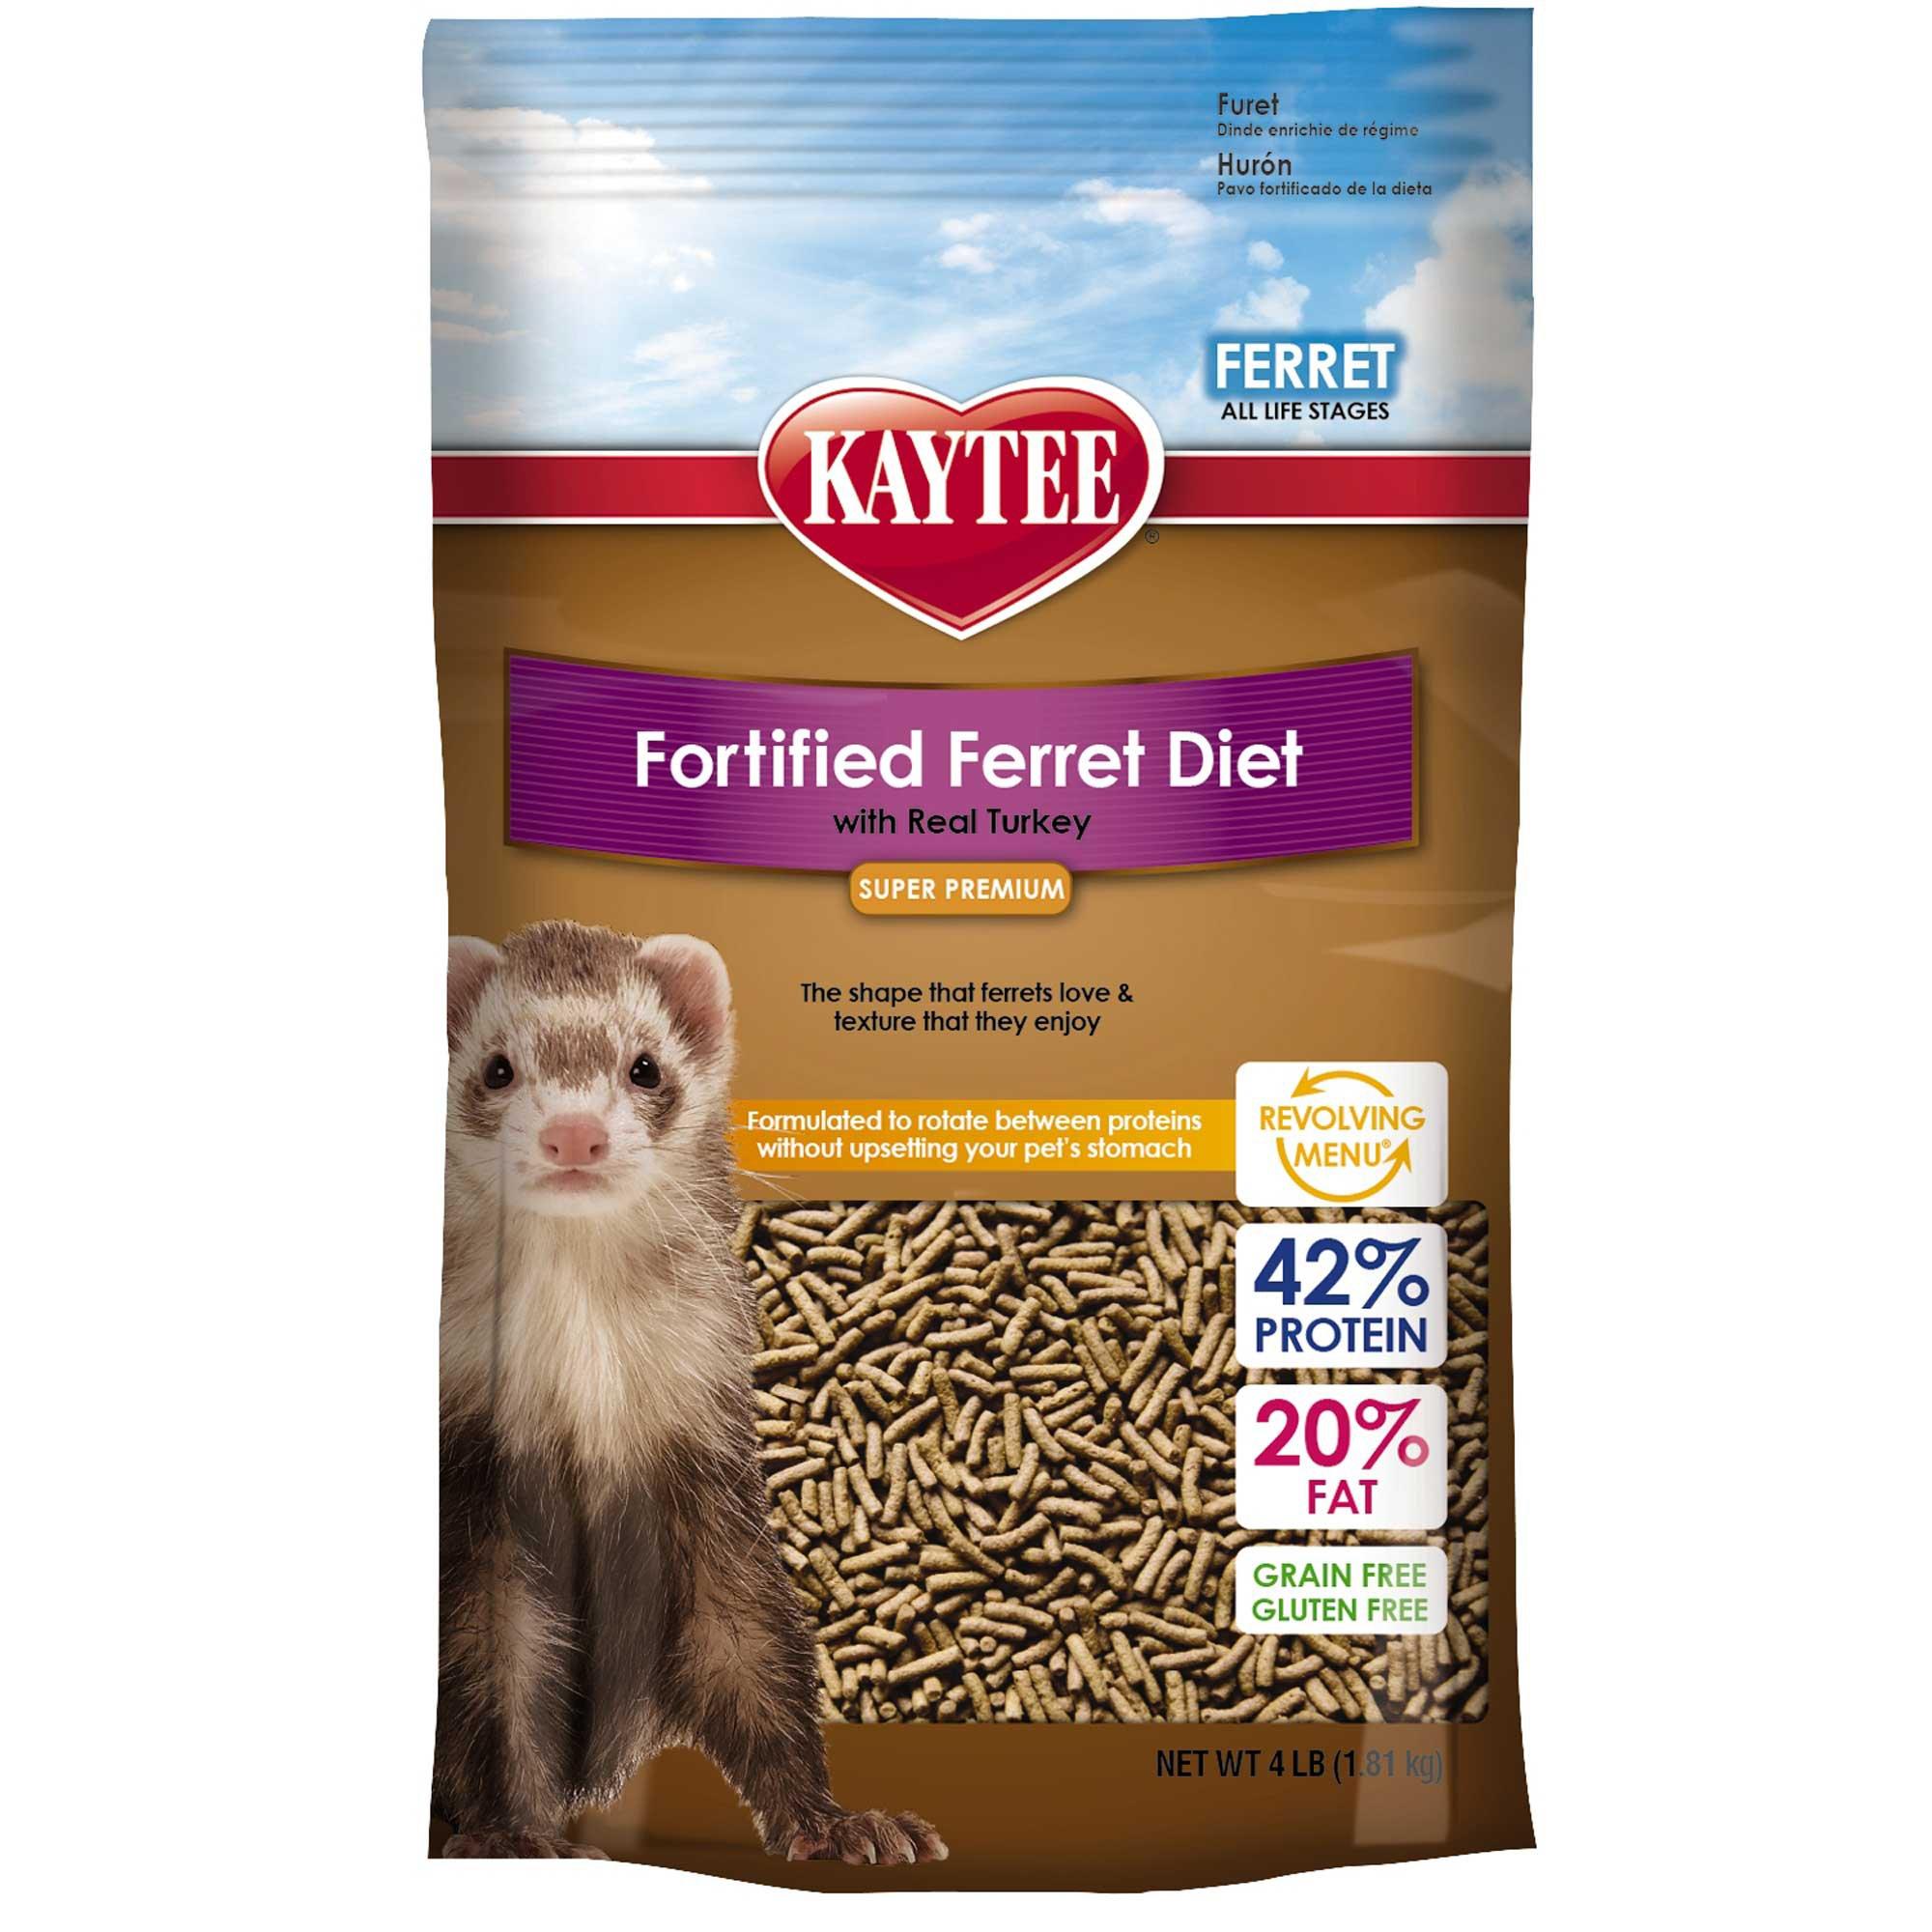 Kaytee Fortified Diet Turkey Ferret Food